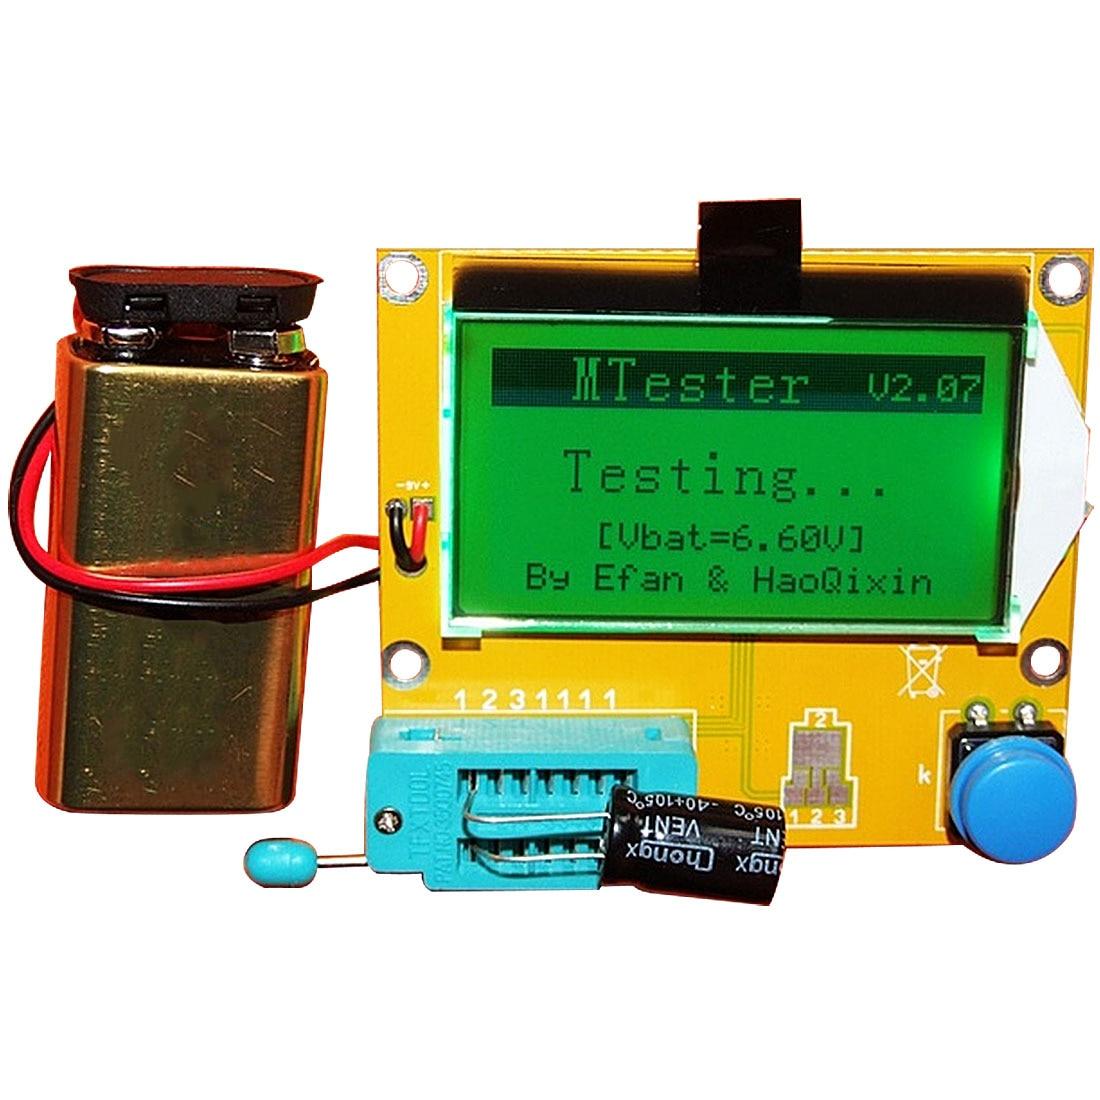 LCR-T4 ESR Meter Transistor Tester Diodo Triodo Capacità di Test Lcr Mega328 M328 Digitale Muiltmeter ESR MOS/PNP/NPN L/C/R